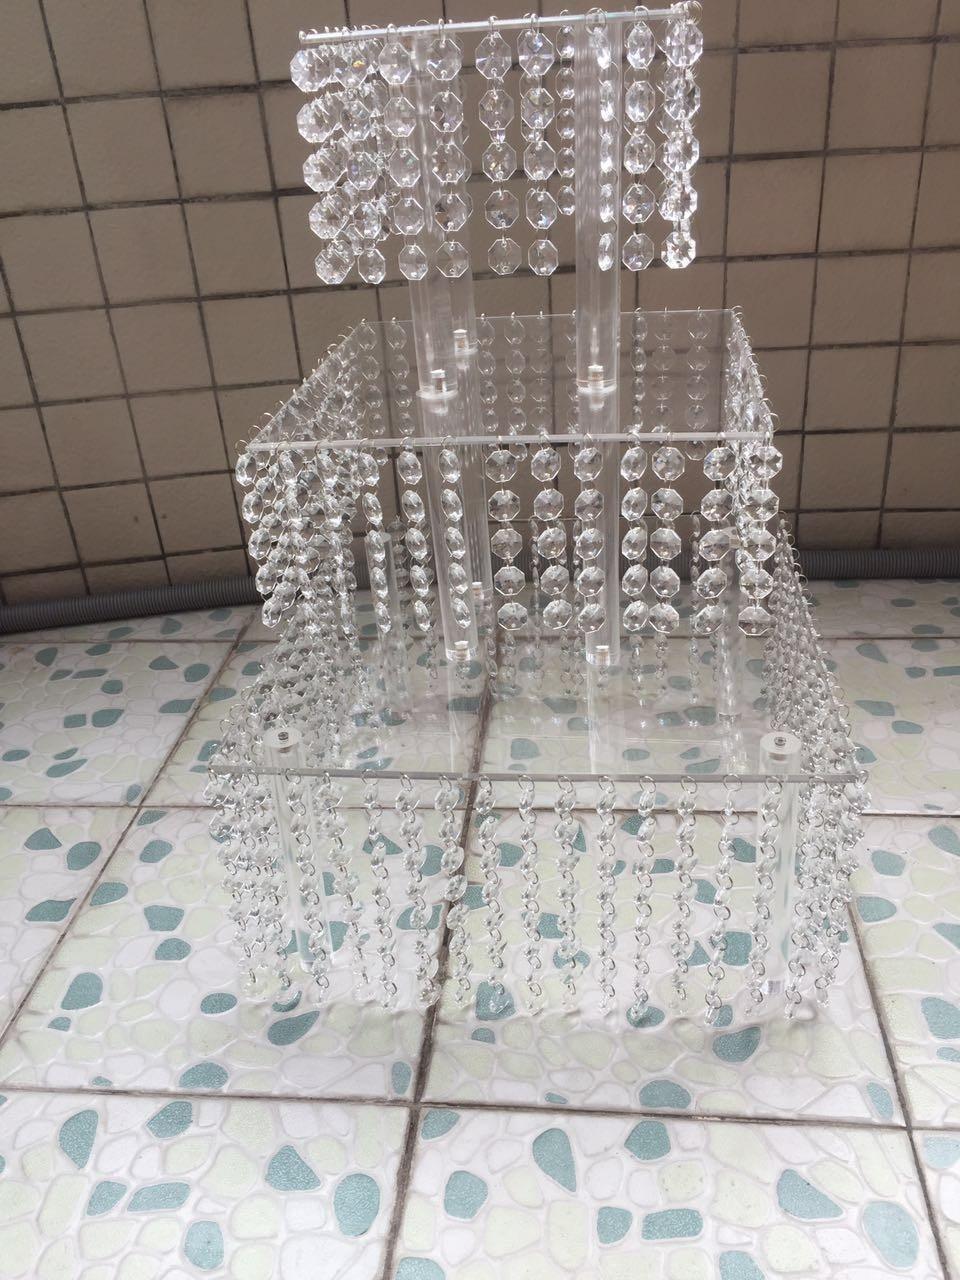 Mode kristall acryl hochzeit hoch tortenständer dessert tisch - Partyartikel und Dekoration - Foto 3